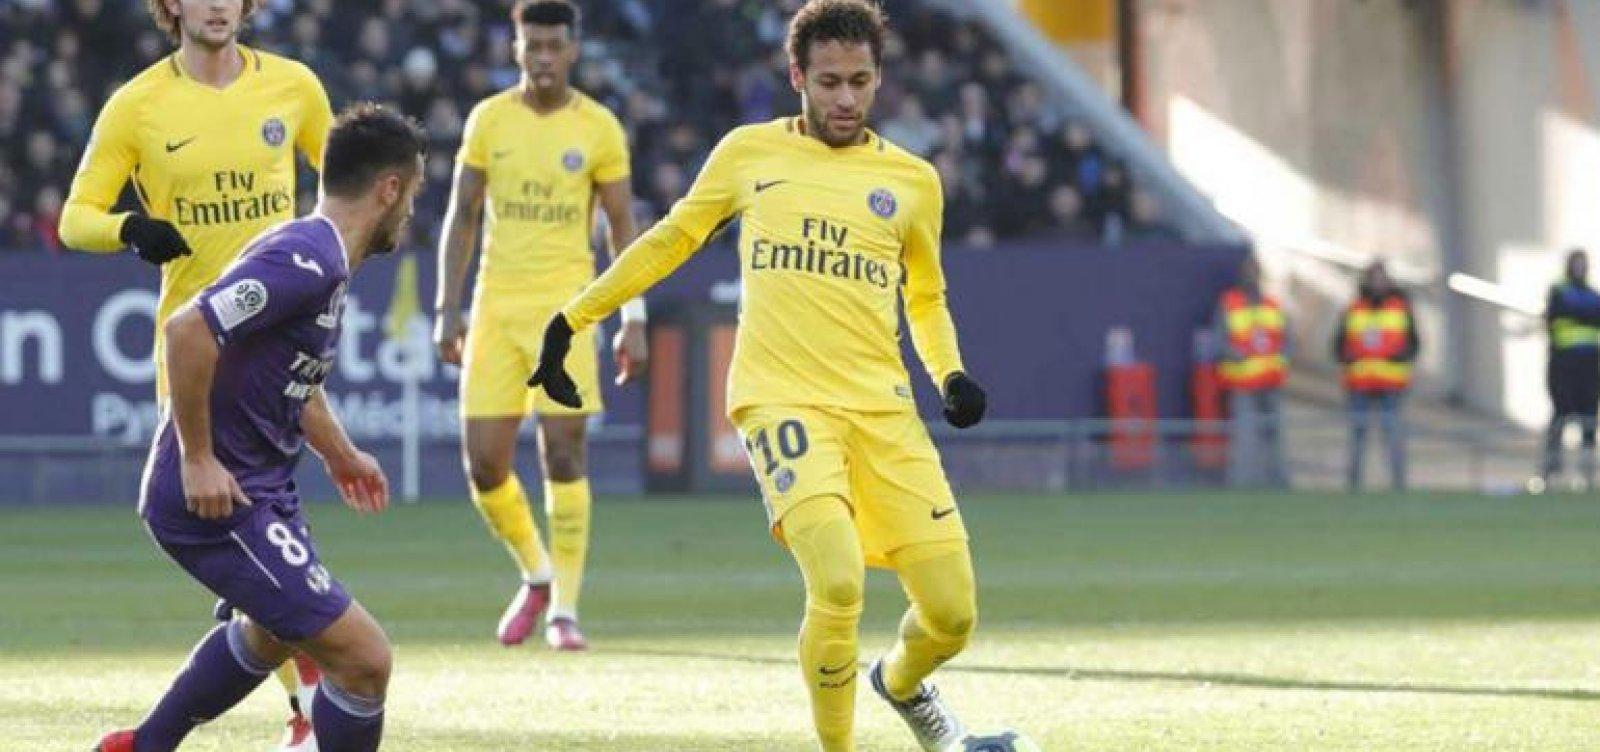 [Netflix compra direitos de transmissão da Ligue 1, competição de futebol da França]